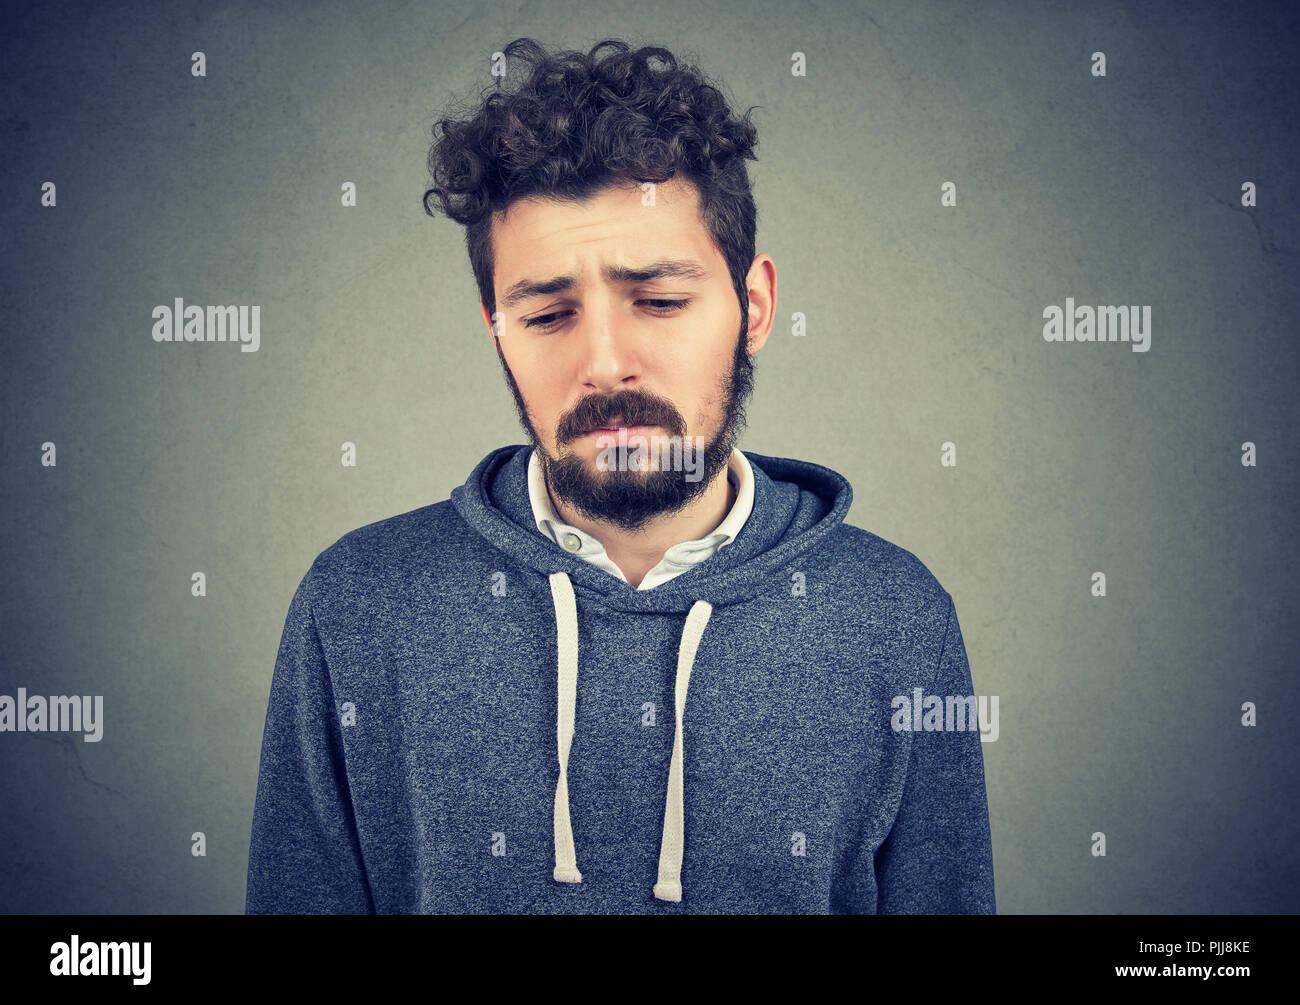 Ein Mann, der Depressionen hat